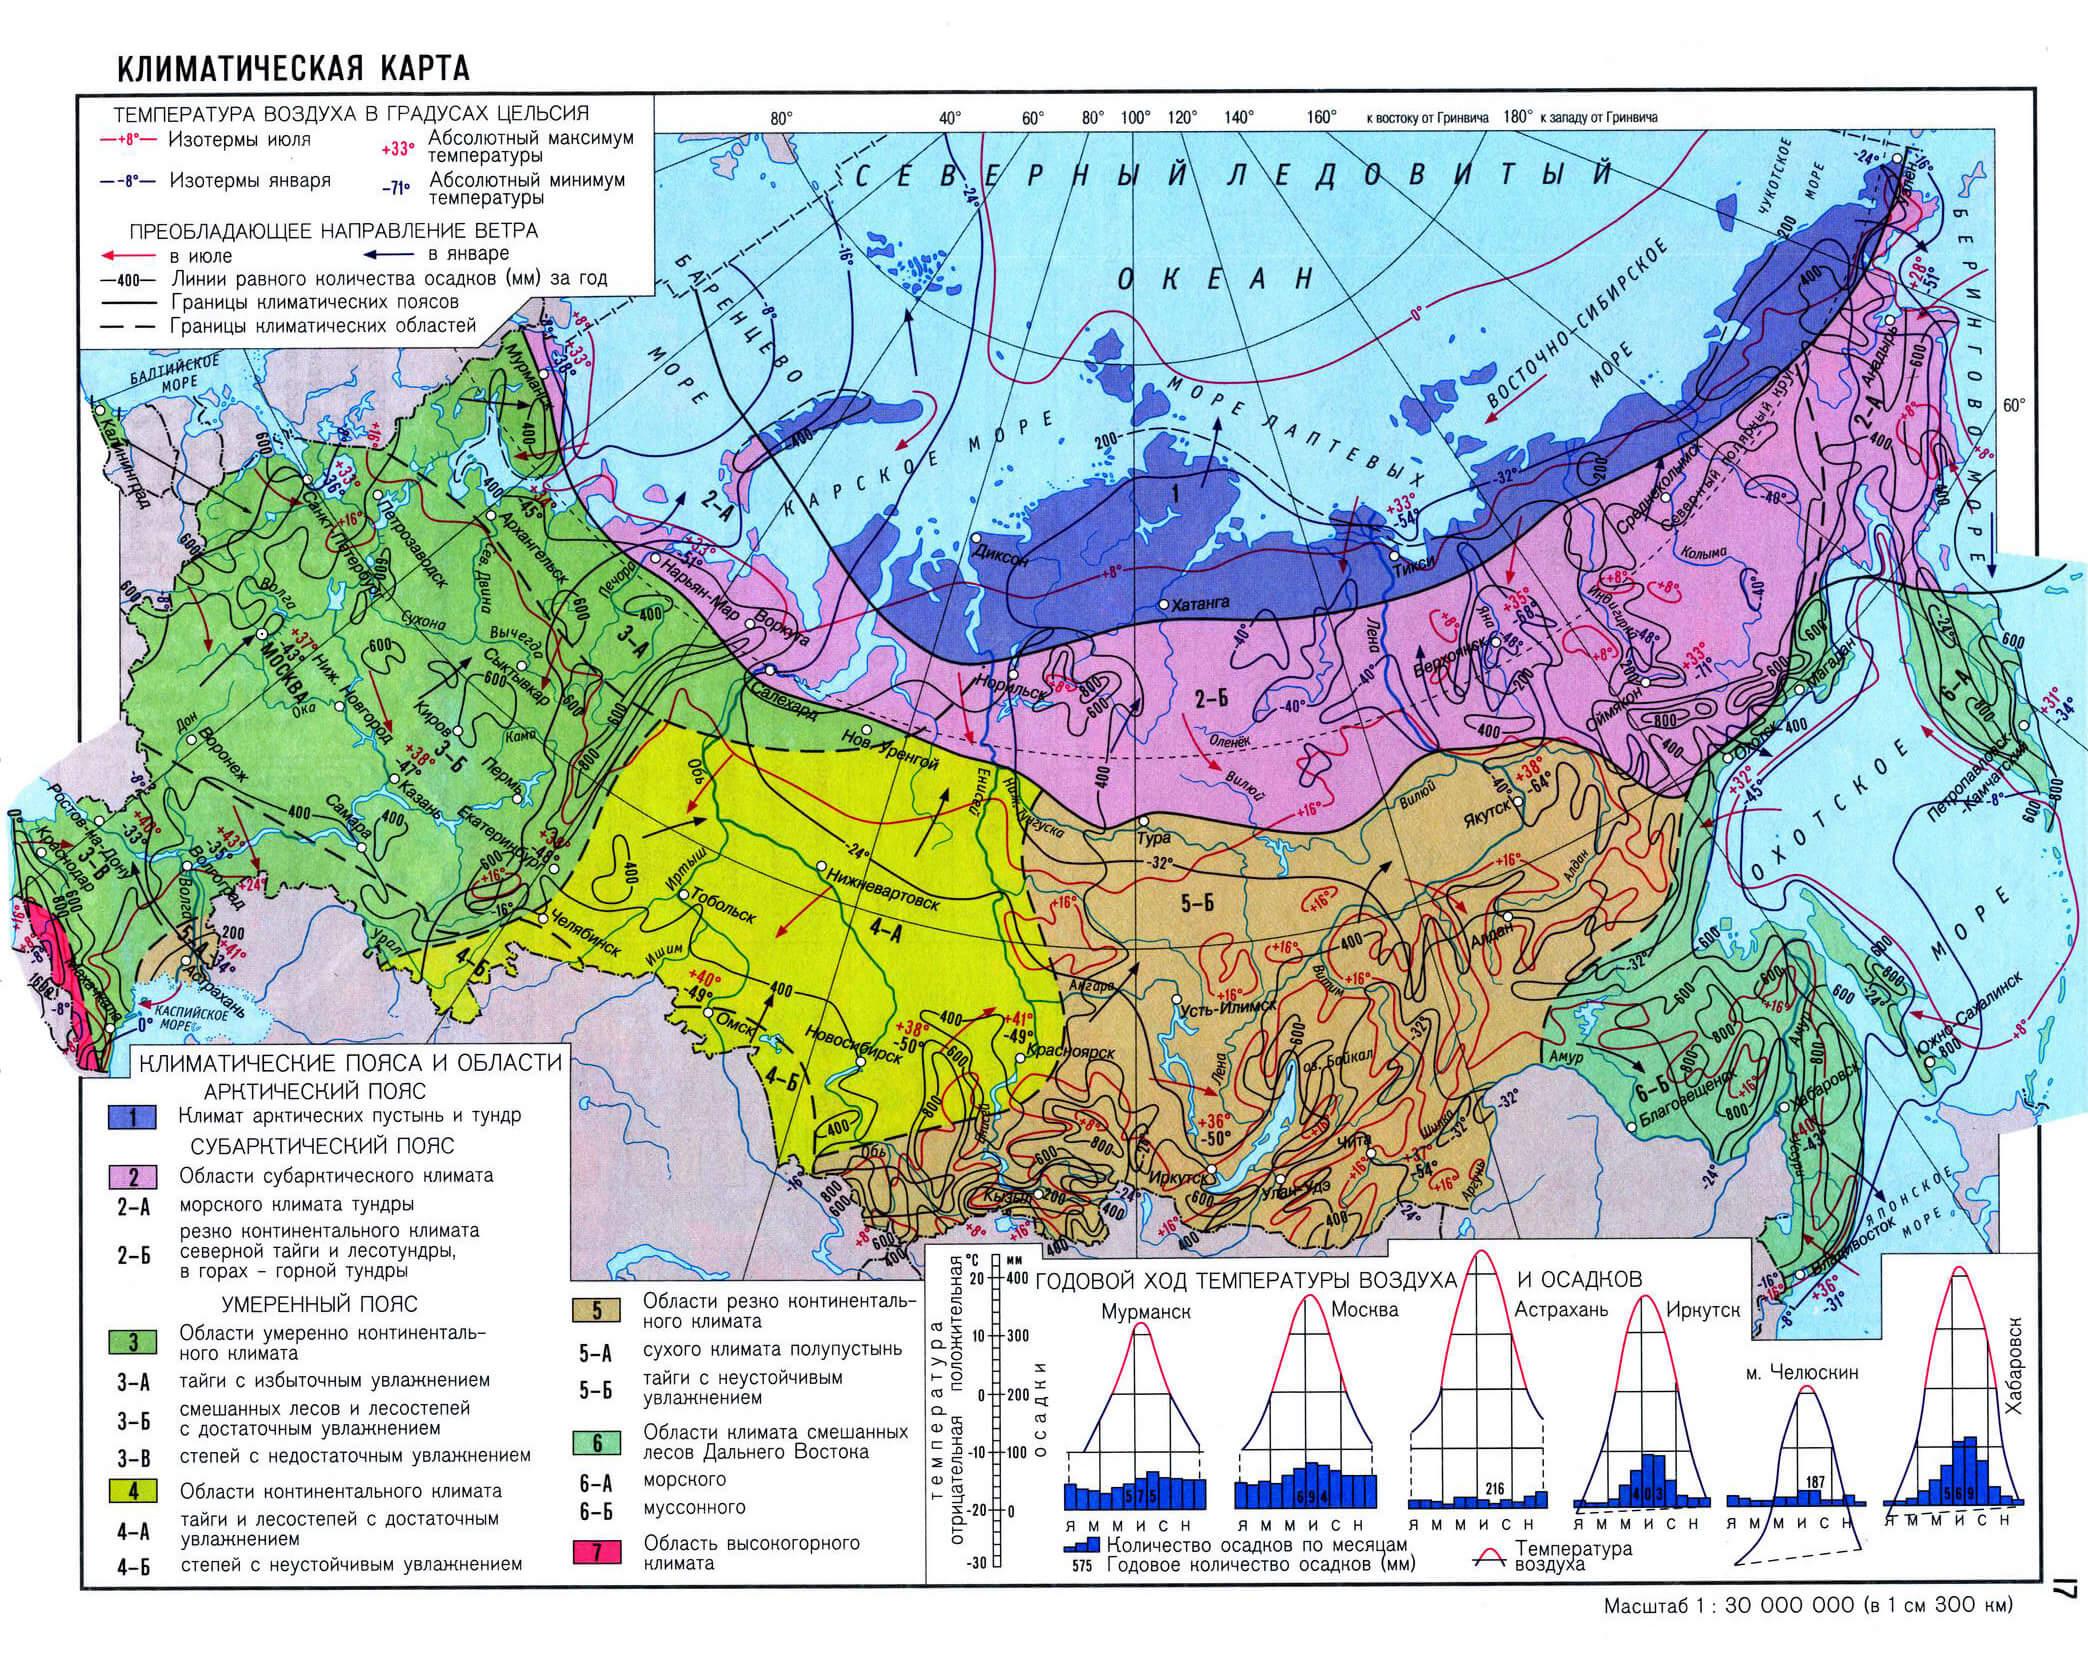 Климатическая карта РФ